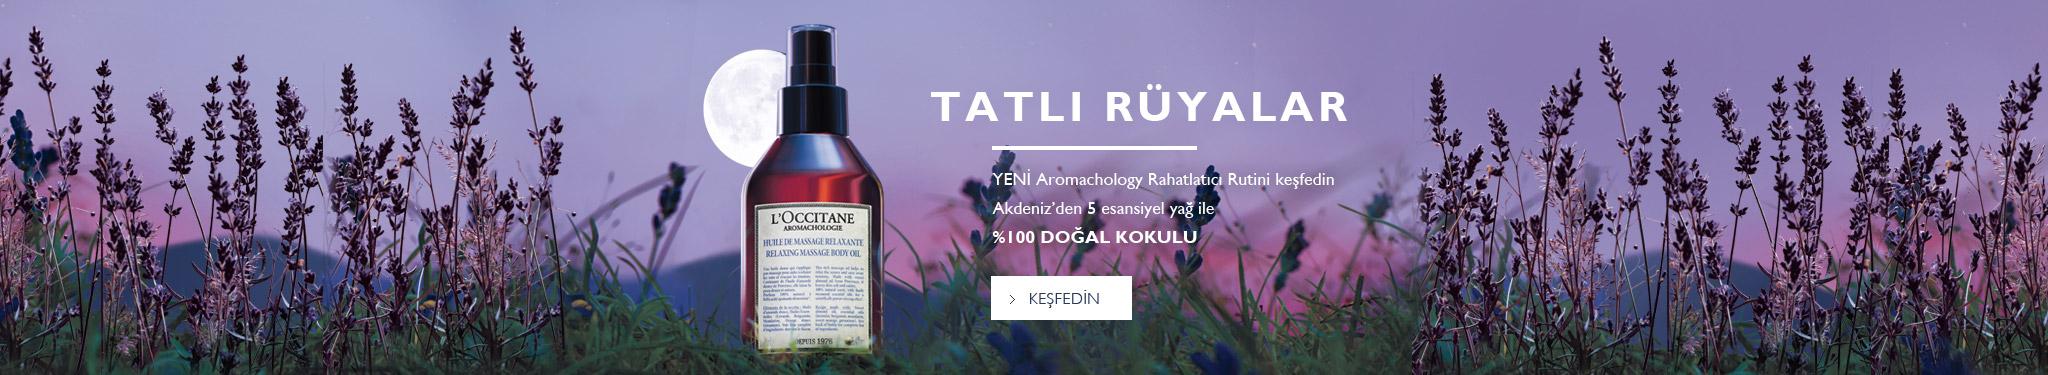 TATLI RÜYALAR YENİ Aromachology Rahatlatıcı Rutini keşfedin Akdeniz'den 5 esansiyel yağ ile %100 DOĞAL KOKULU Keşfedin